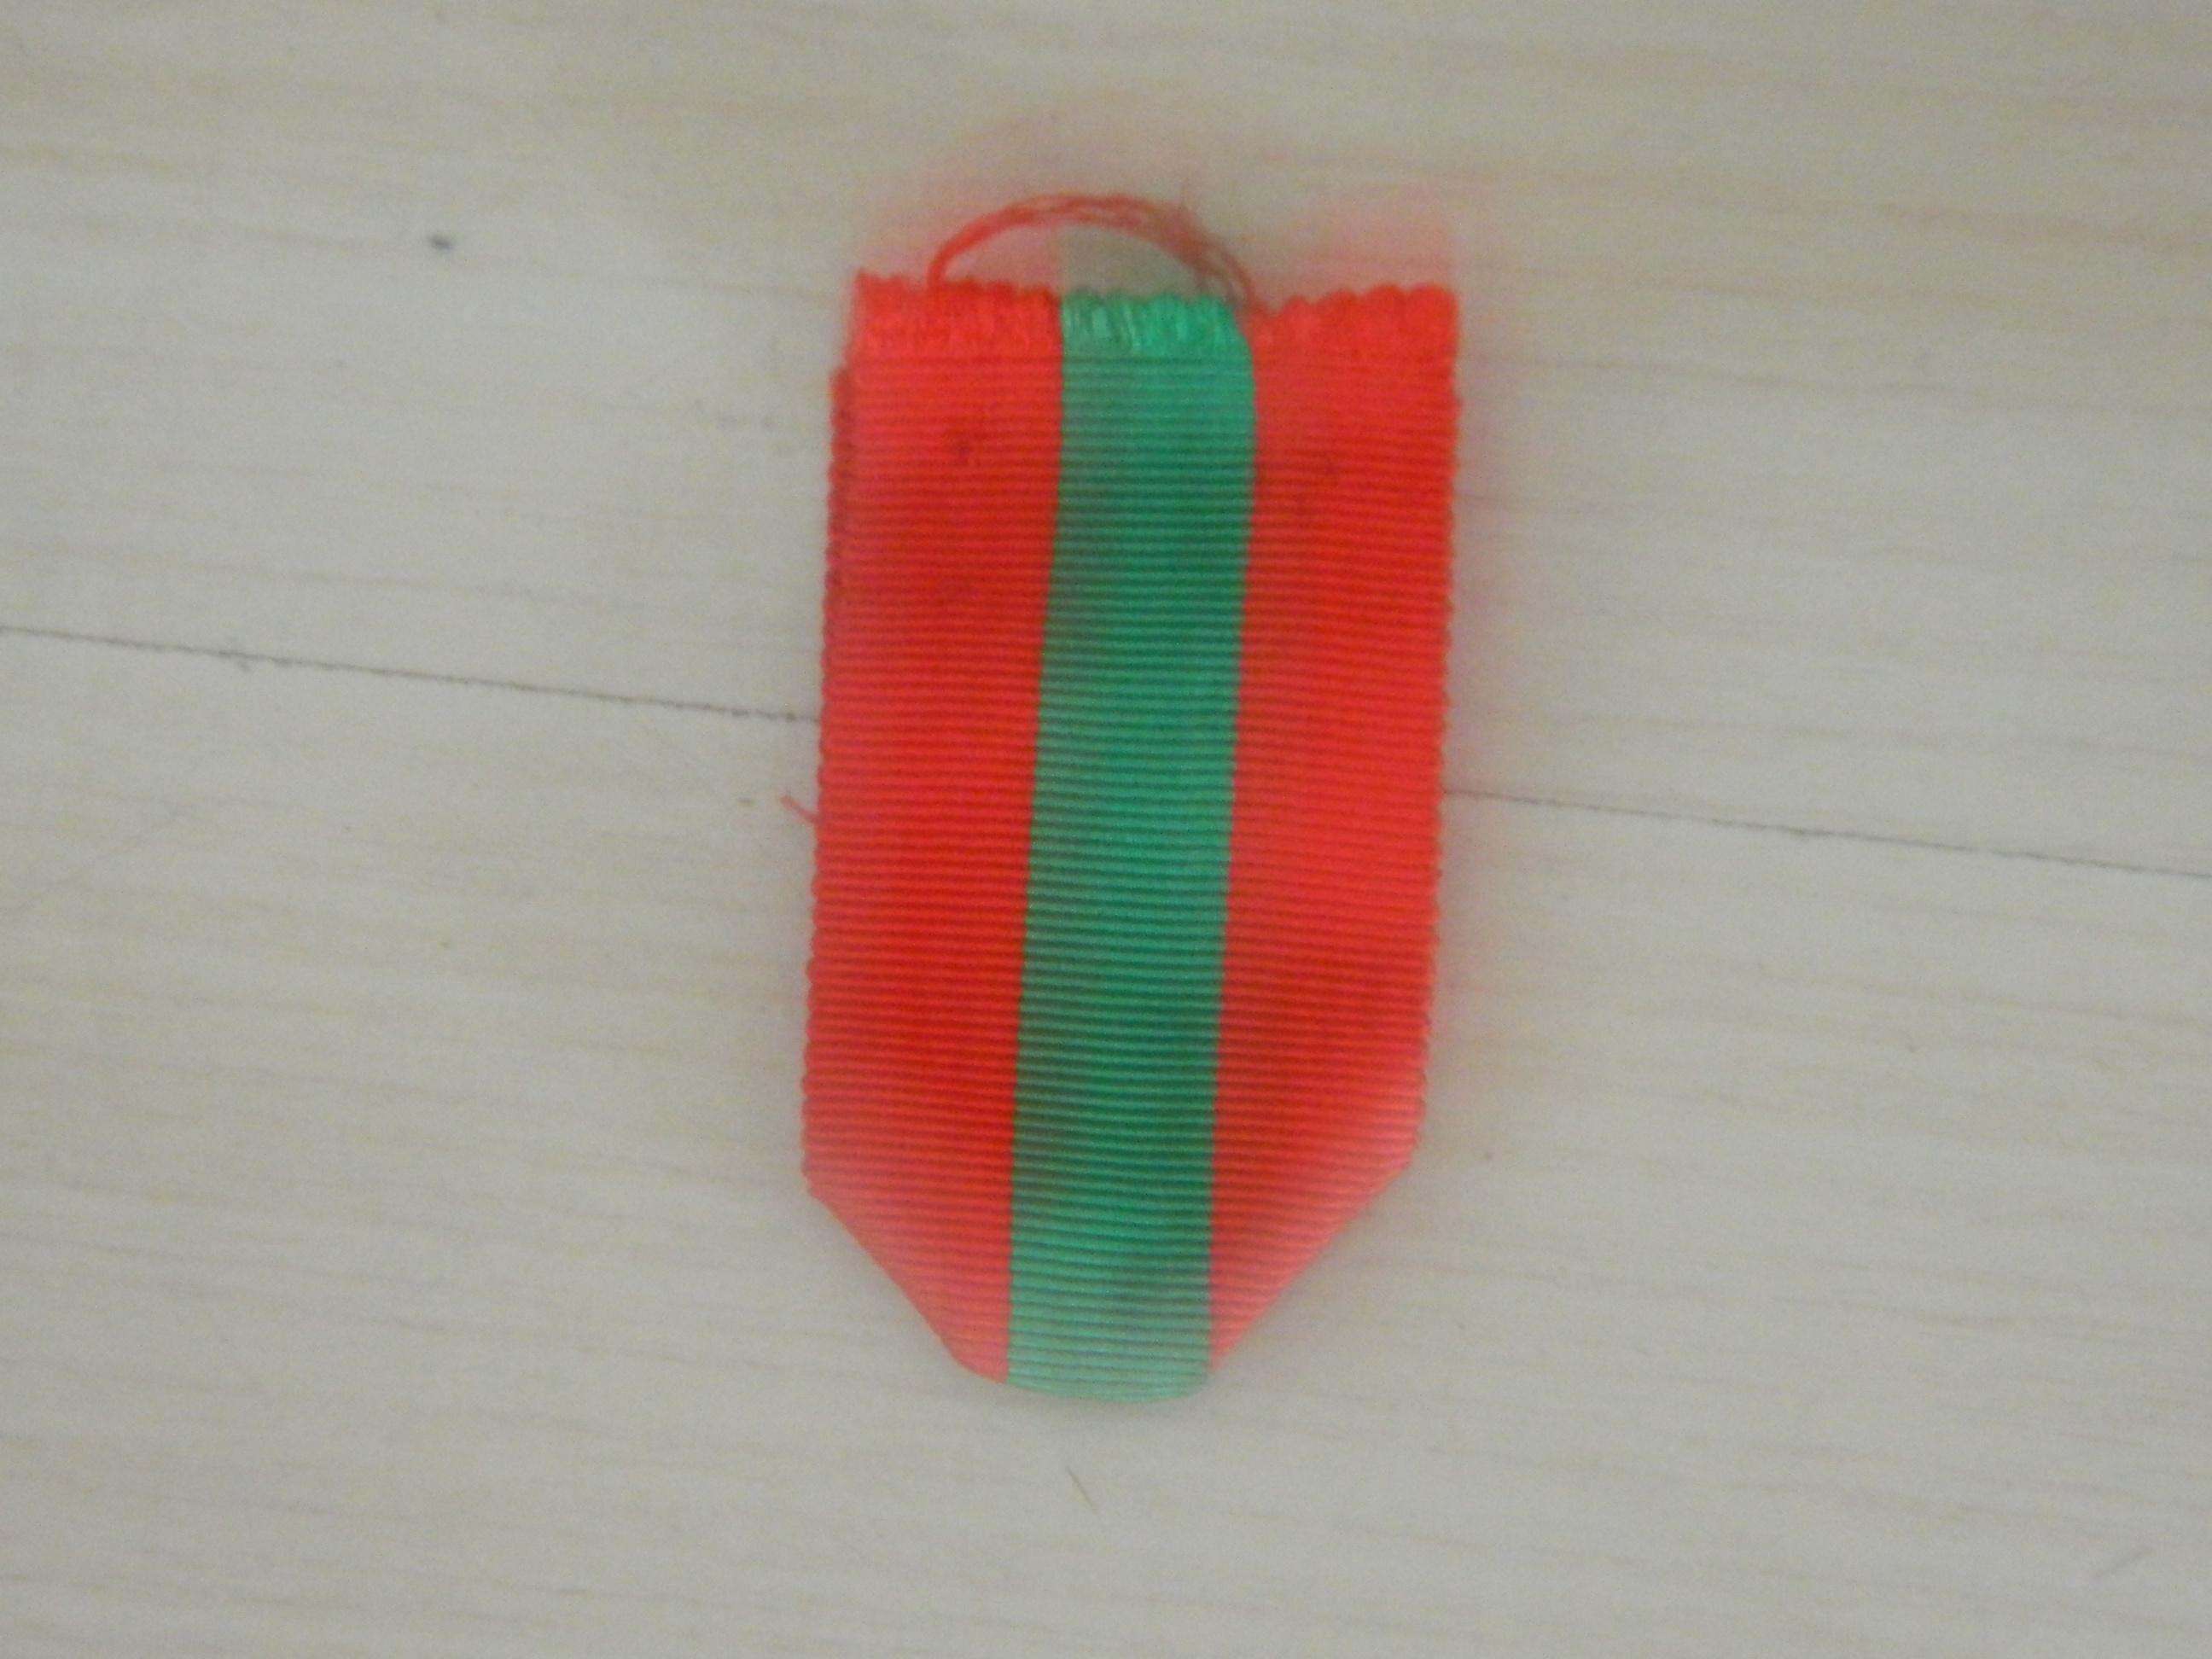 Identification médailles (F) Arri-re-g.p-005-5628e41